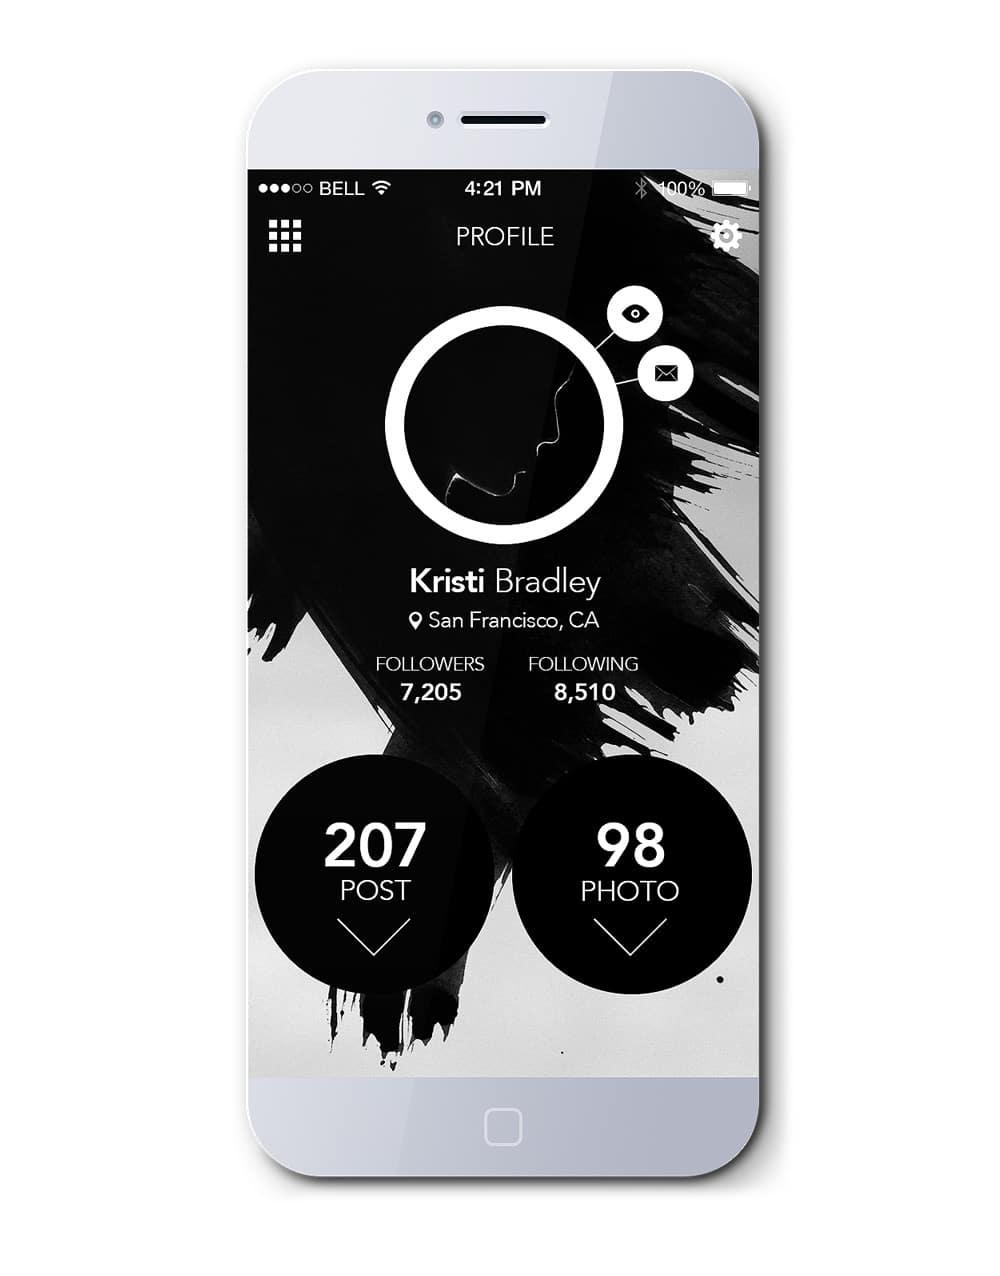 IOS7 App Profile Page Free PSD